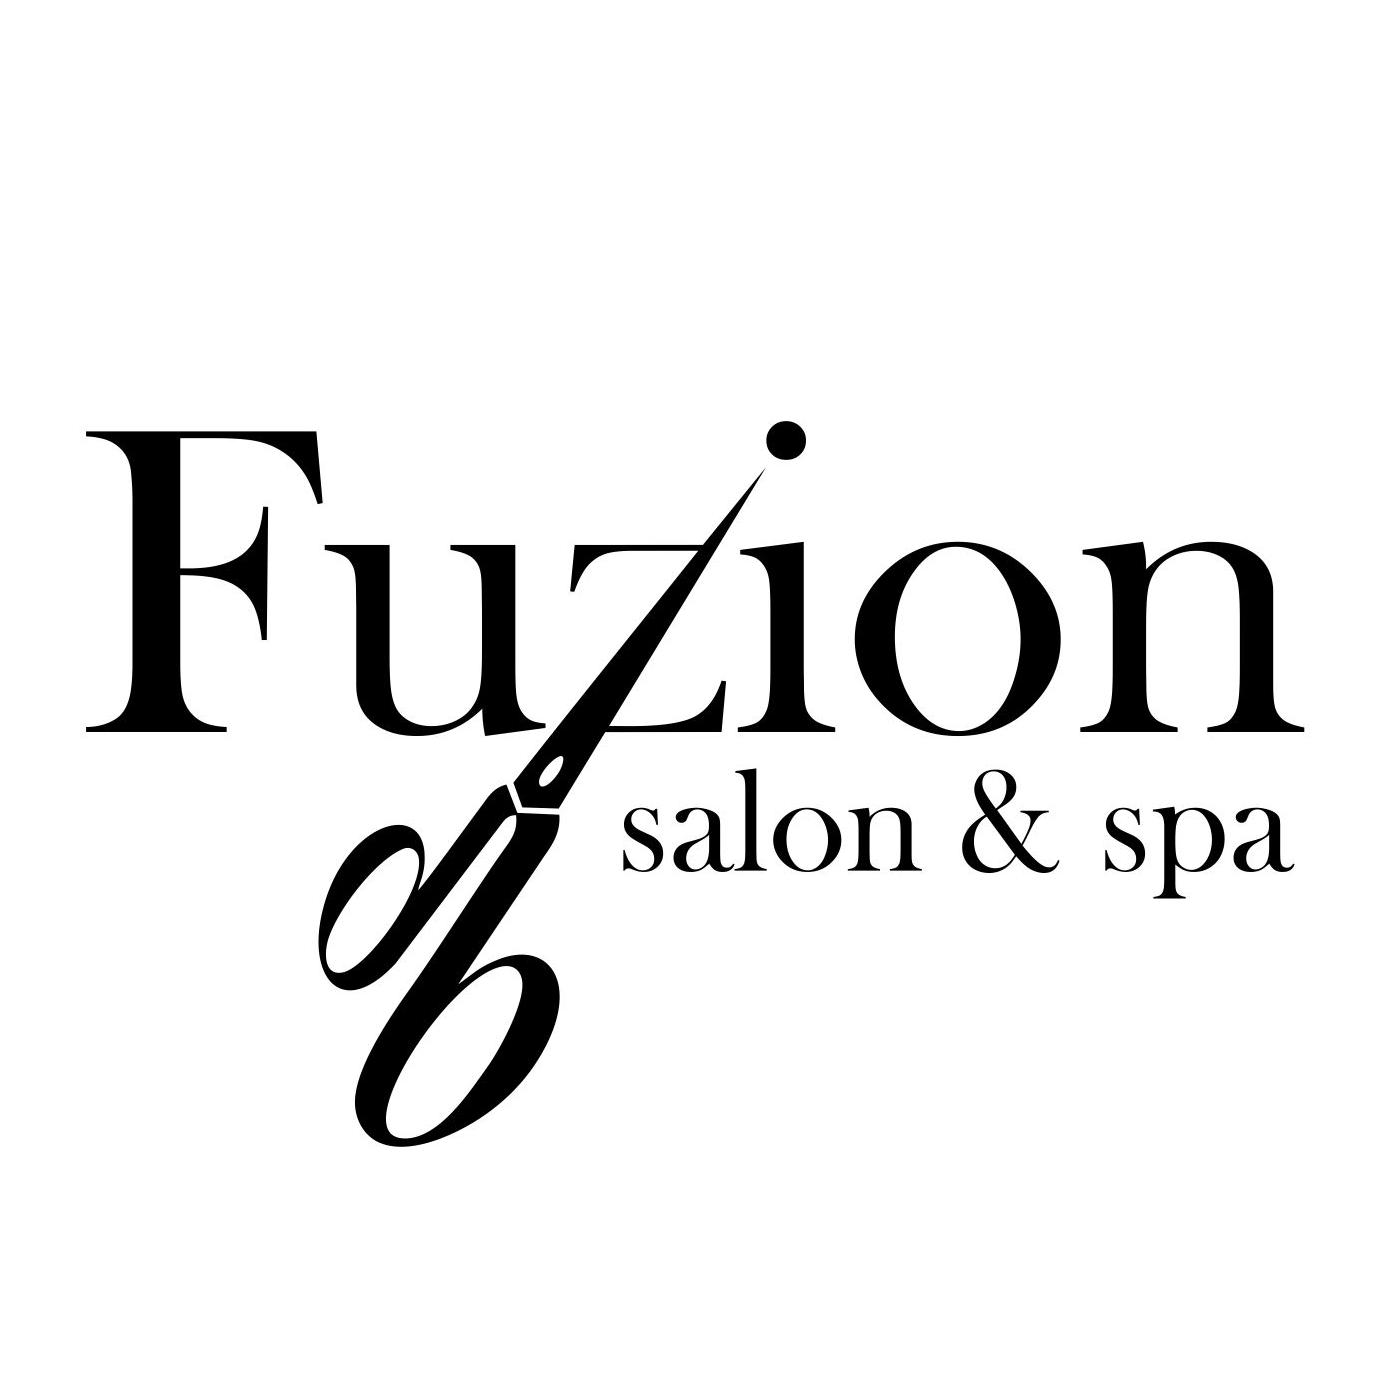 Fuzion Salon & Spa